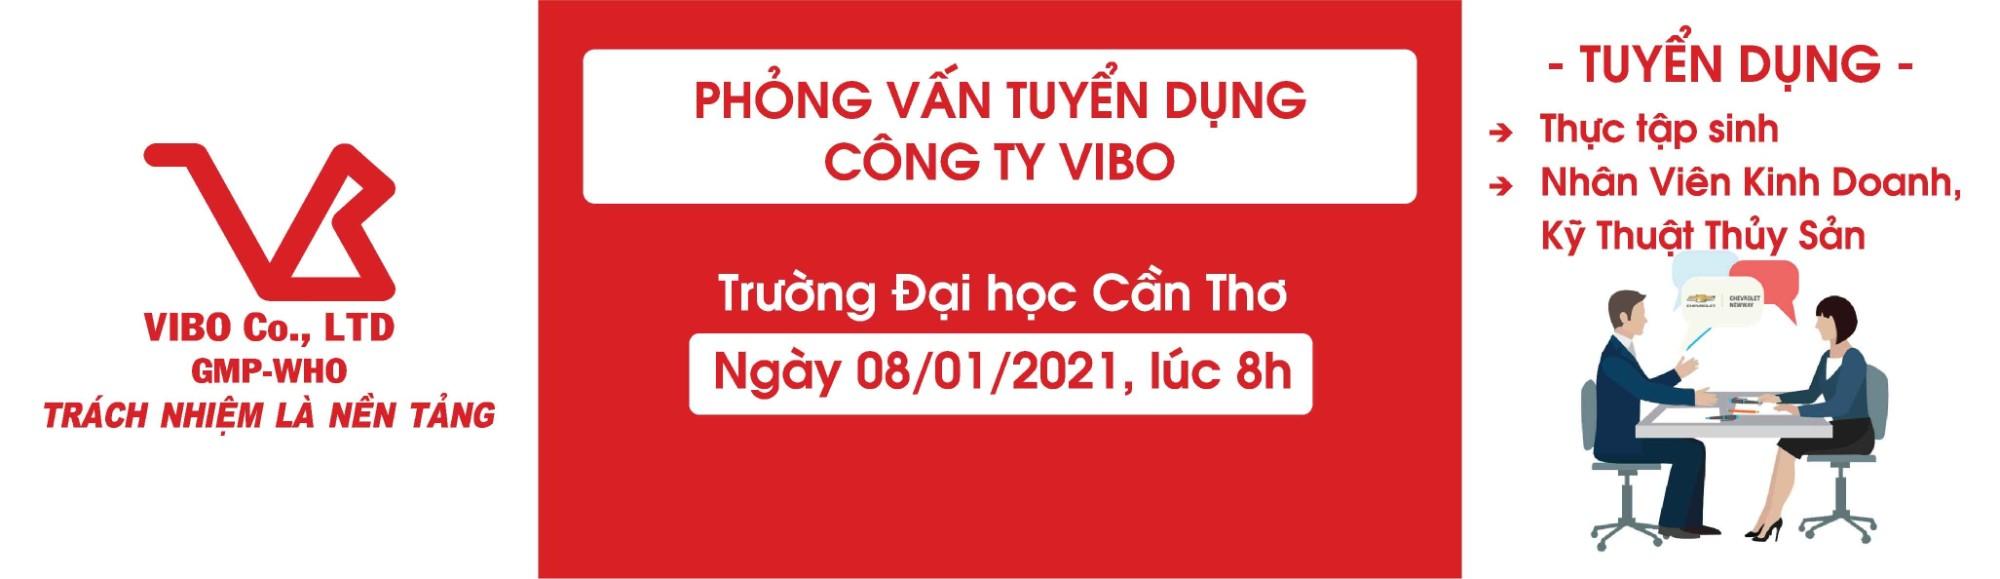 THONG BAO TUYEN DUNG- KHOA THUY SAN ,  TRUONG DH CAN THO